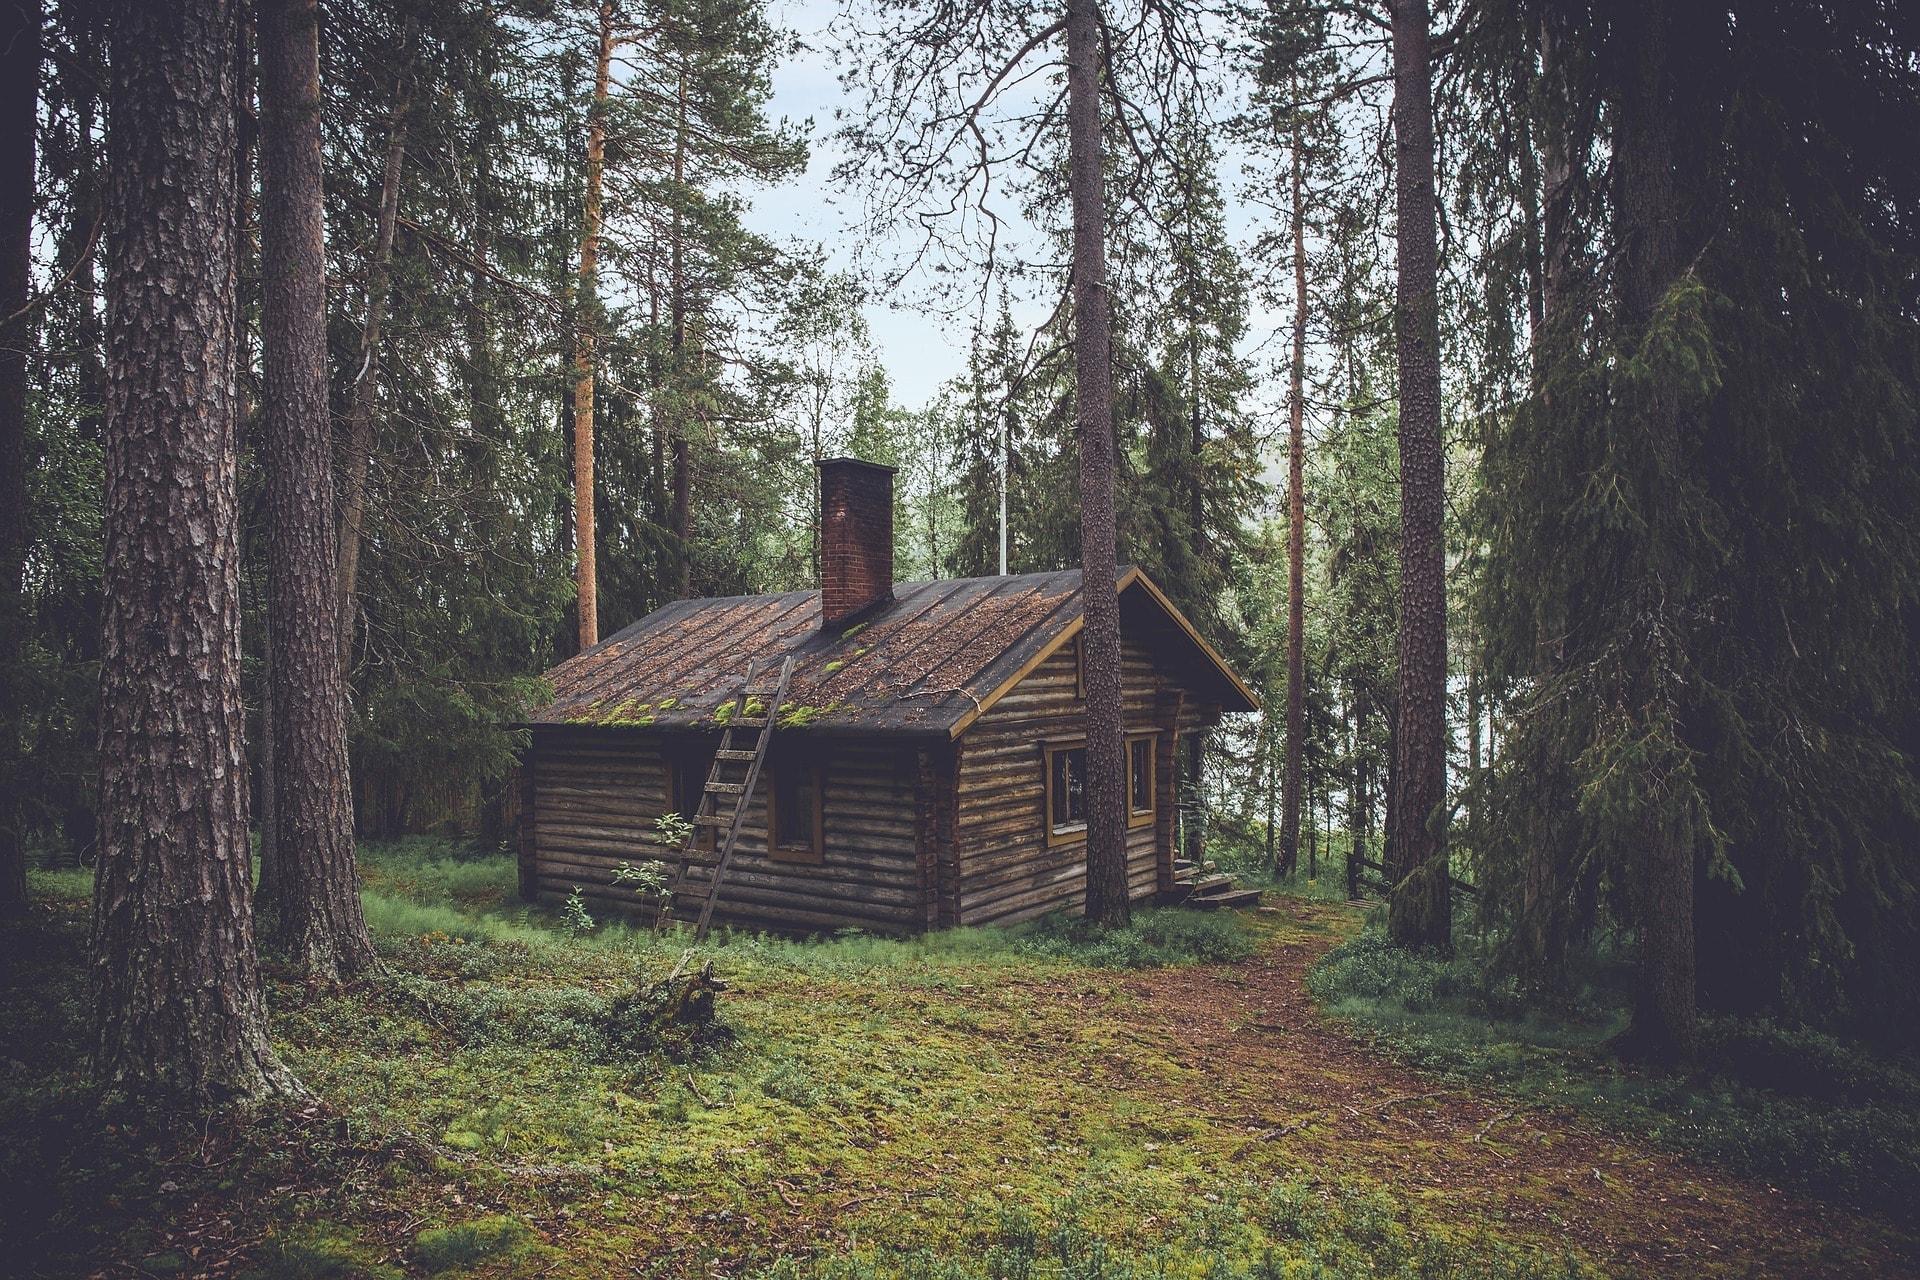 アメリカでの寮生活と一人暮らしのメリットを比較してみた!